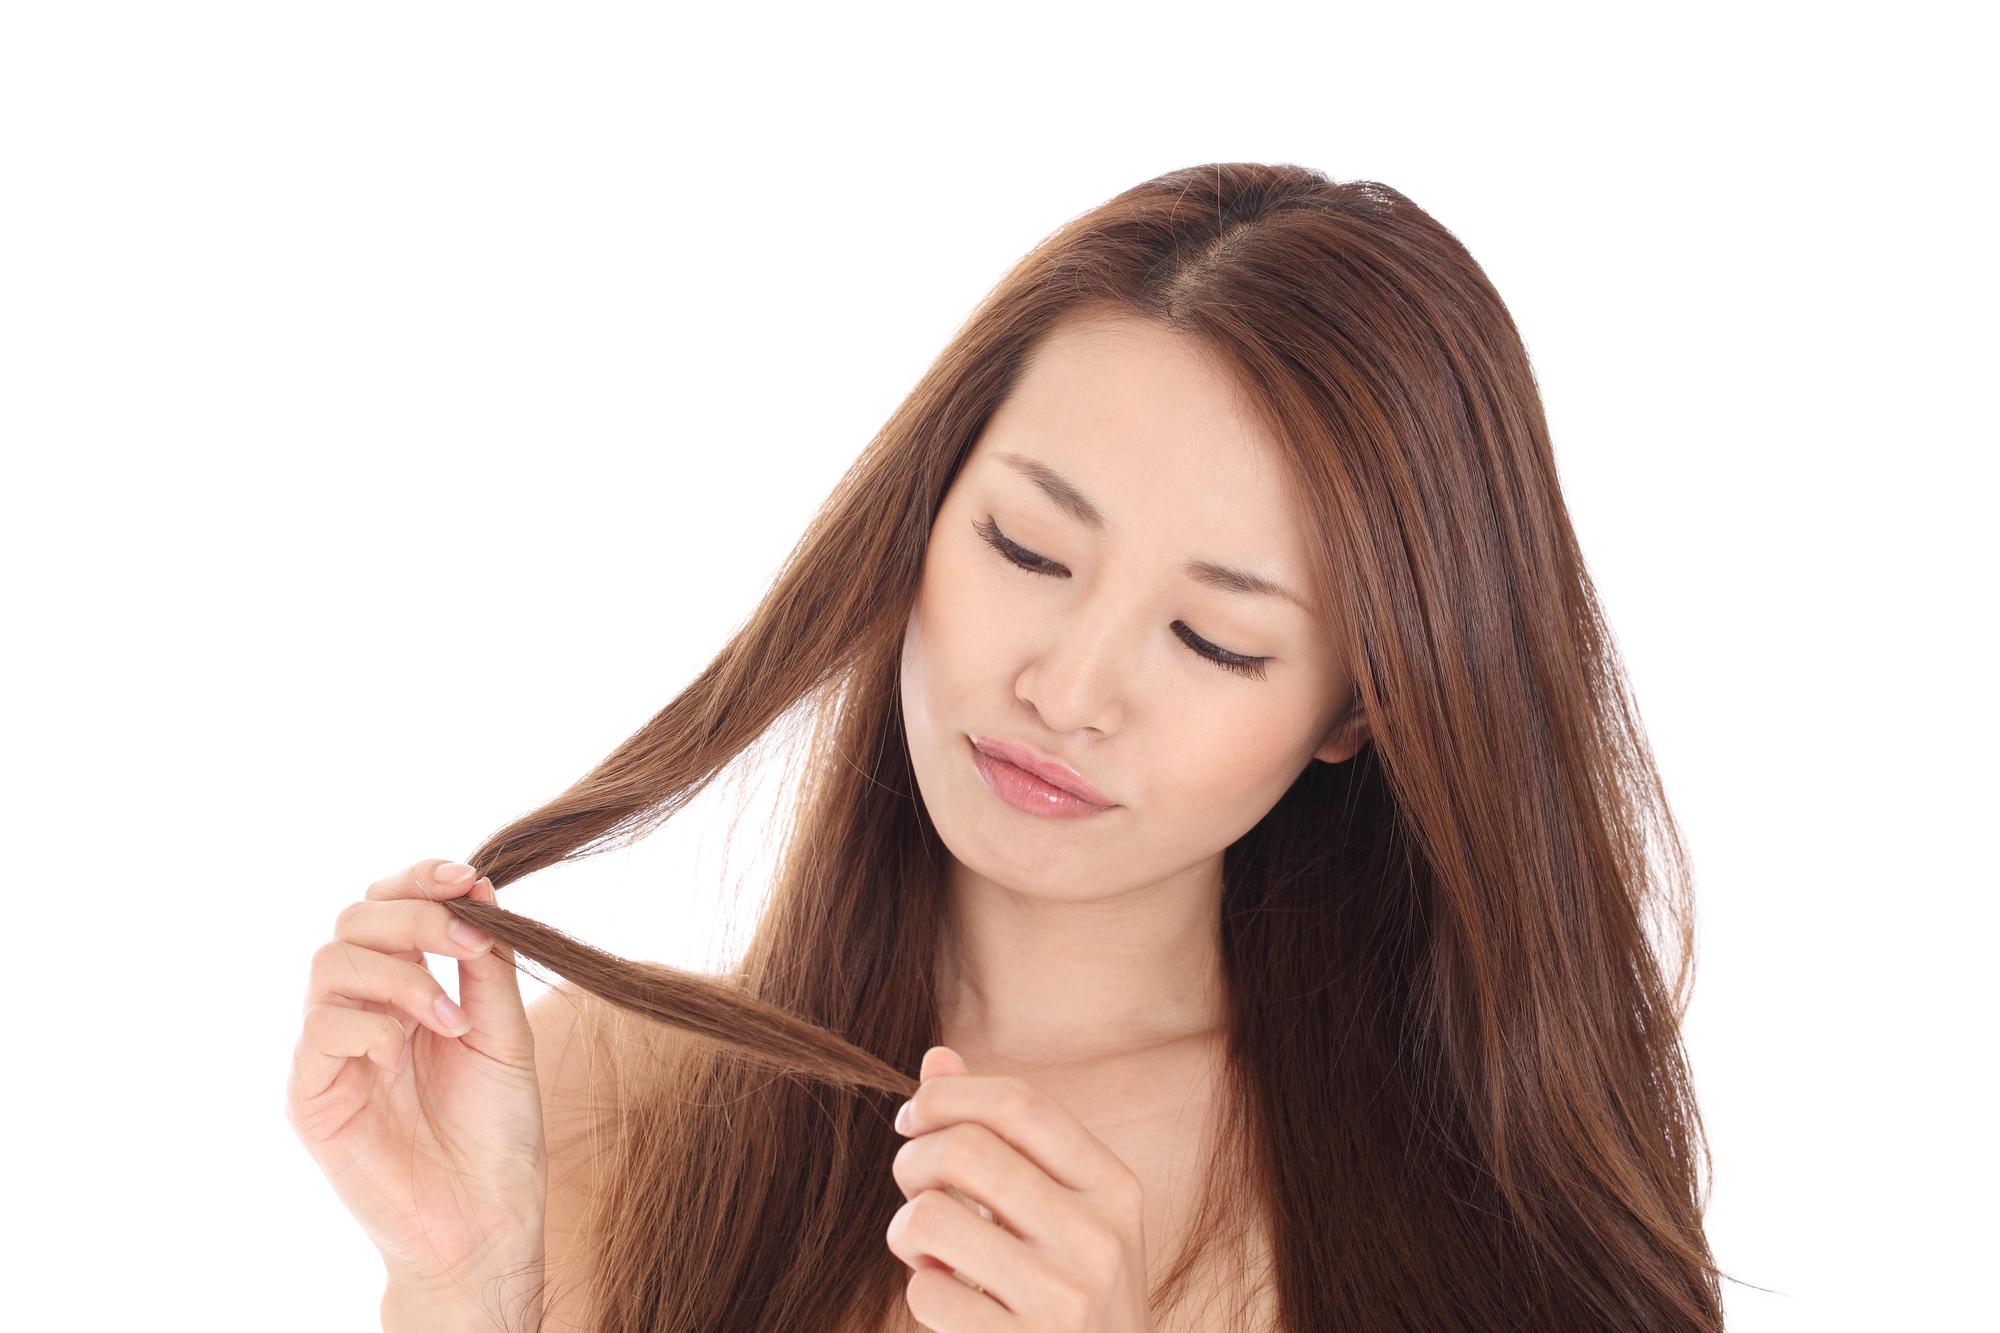 髪の毛のダメージを何とかしたい!ダメージに効果的な方法とは?のサムネイル画像